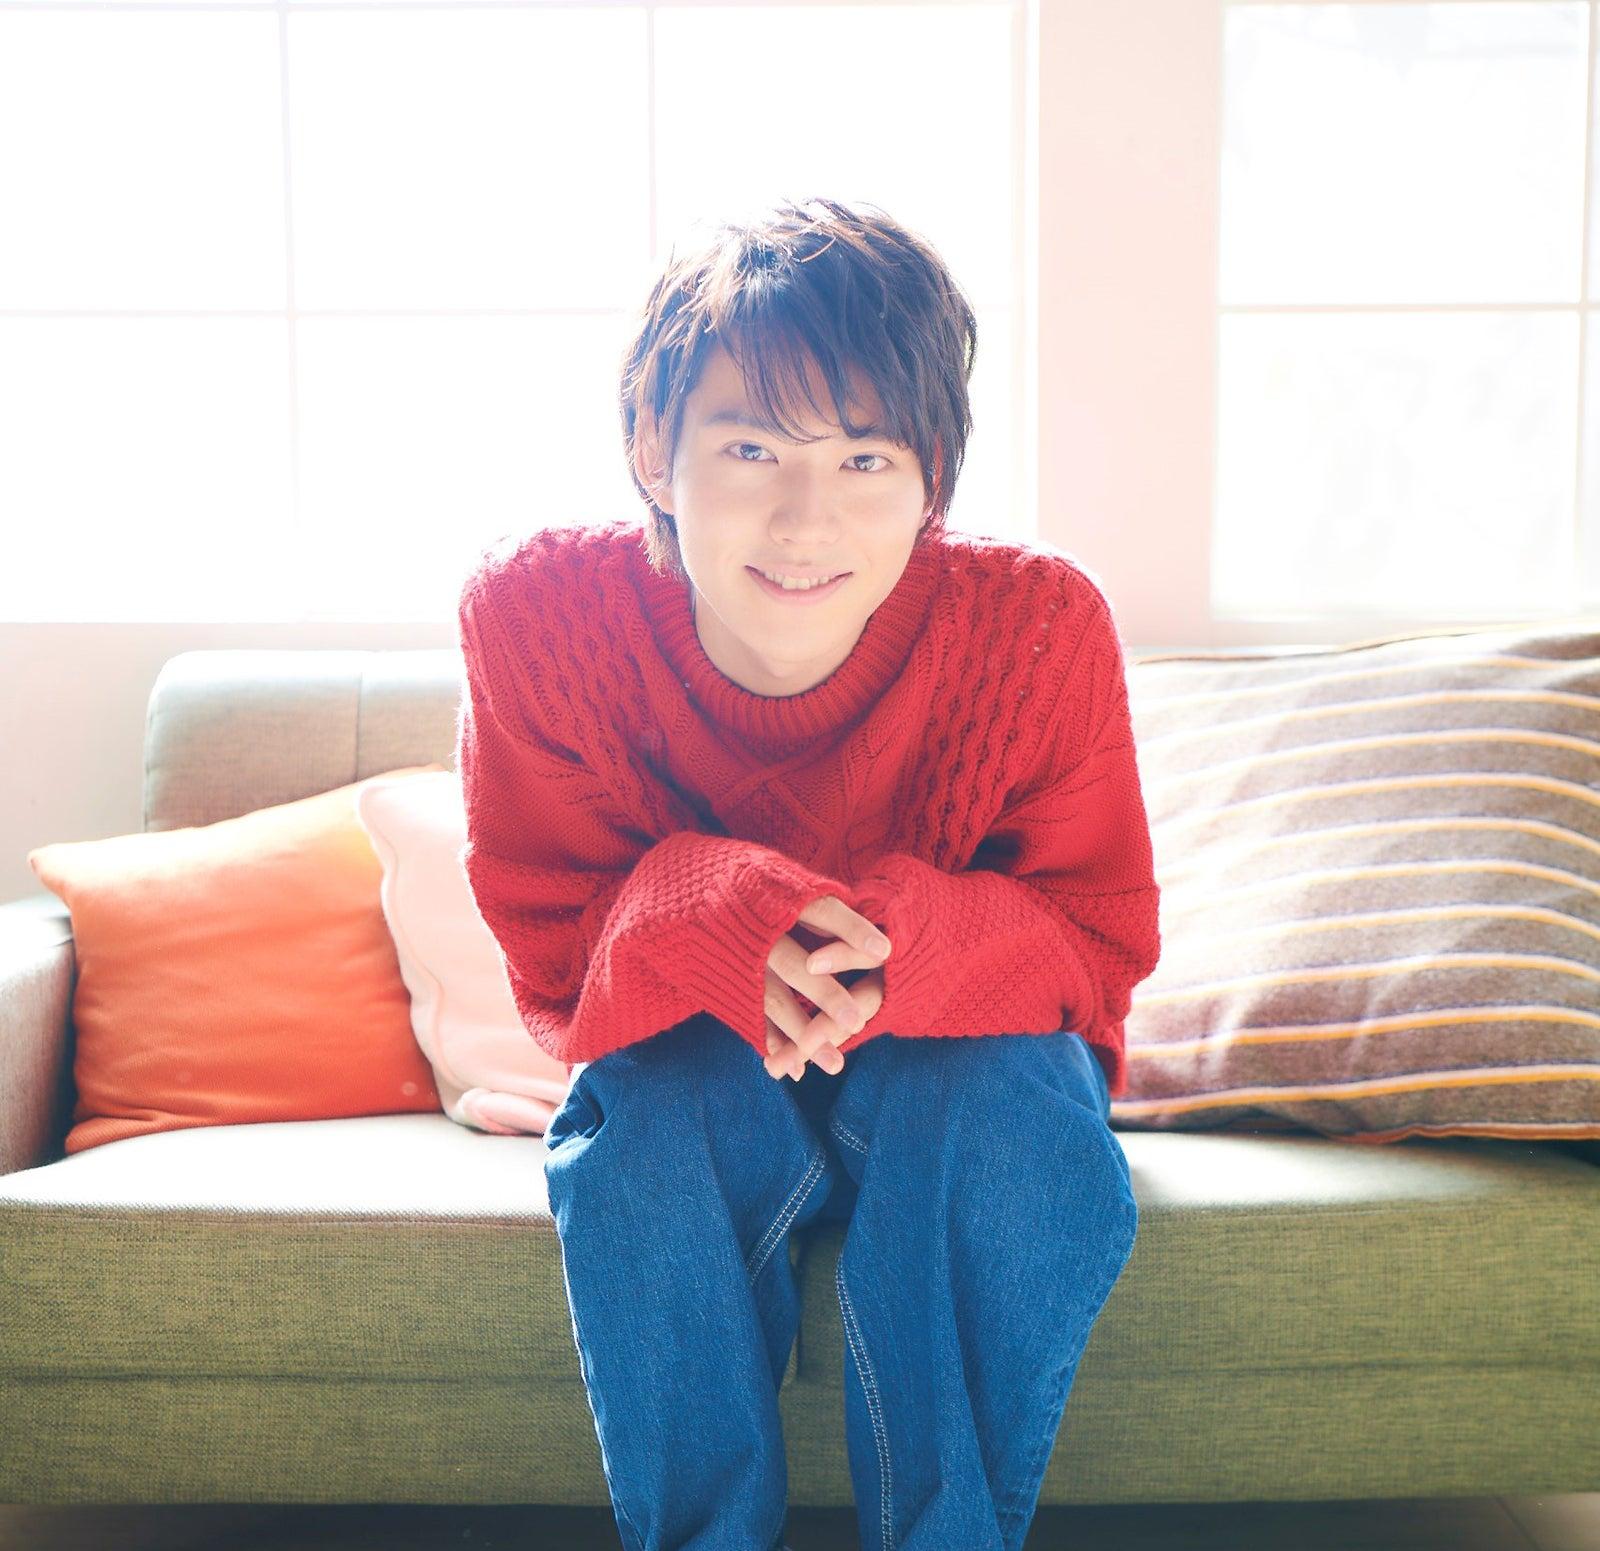 【注目の人物】「キュウレンジャー」ナーガ役の山崎大輝とは?歌も歌える萬能イケメン - モデルプレス